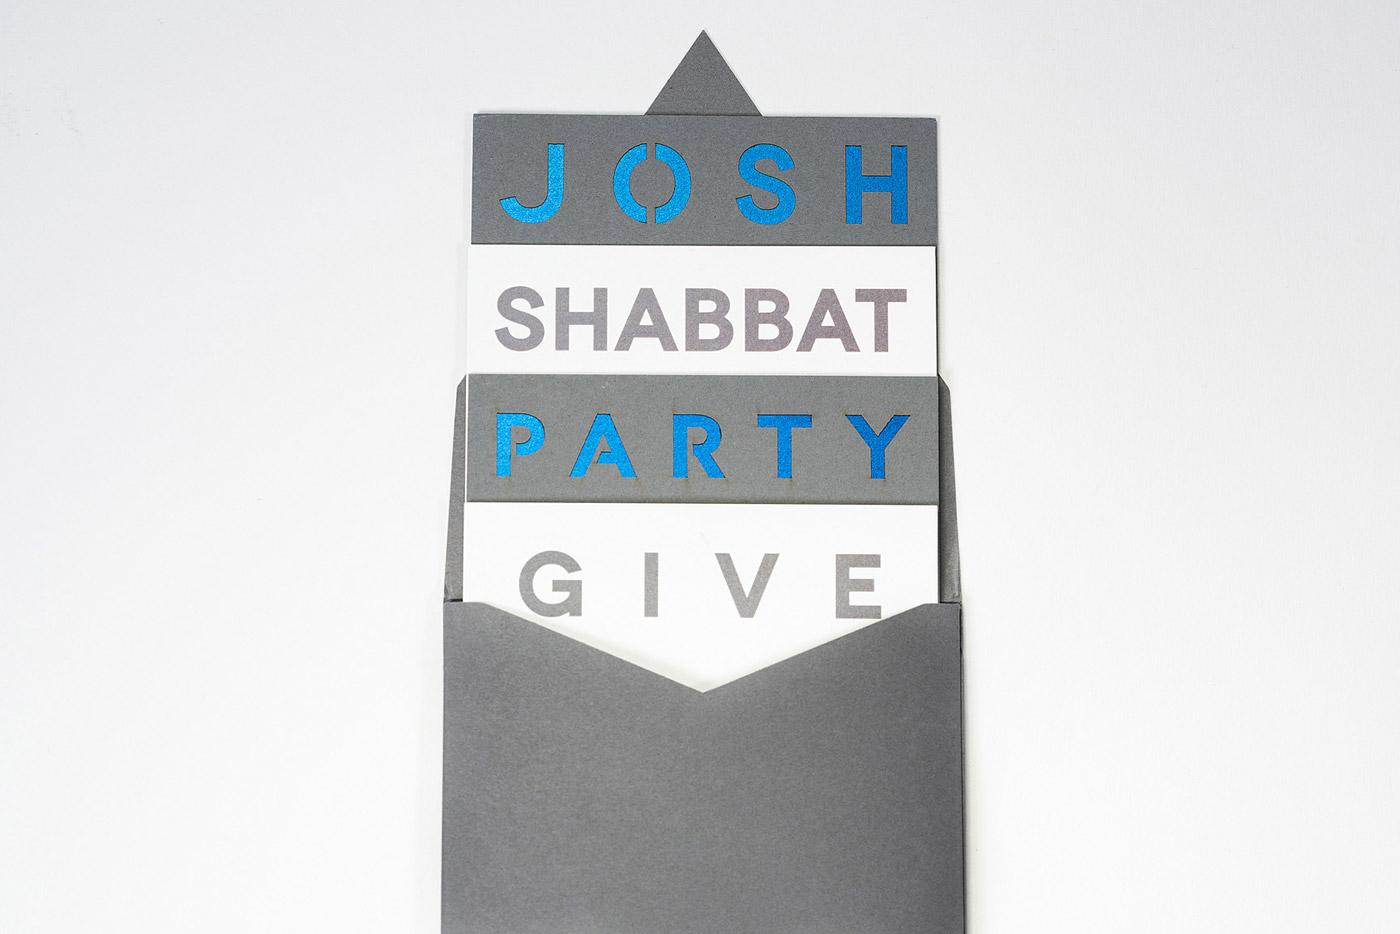 fun bar mitzvah